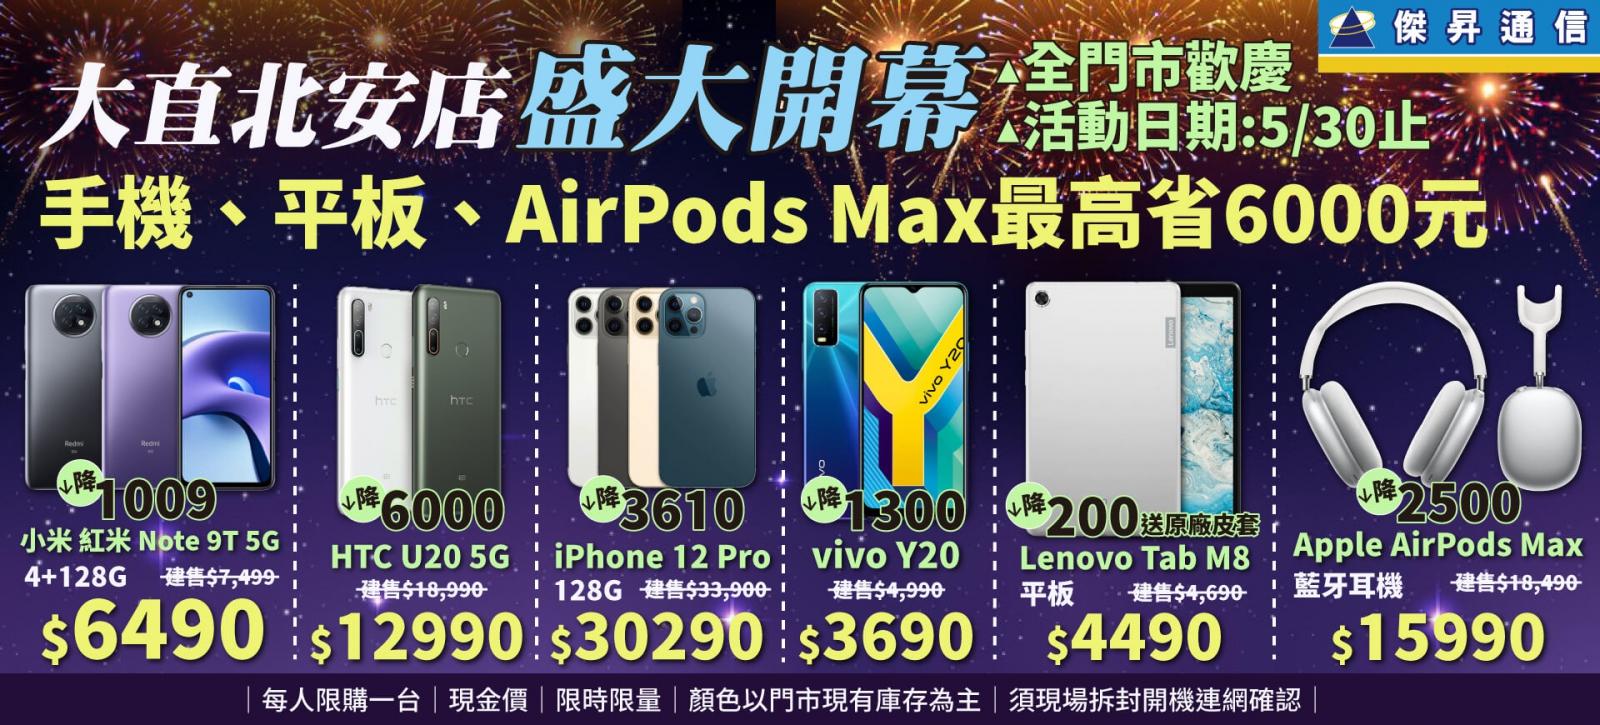 傑昇大直北安店盛大開幕~門市同慶~手機、平板、AirPods Max最高省$6000